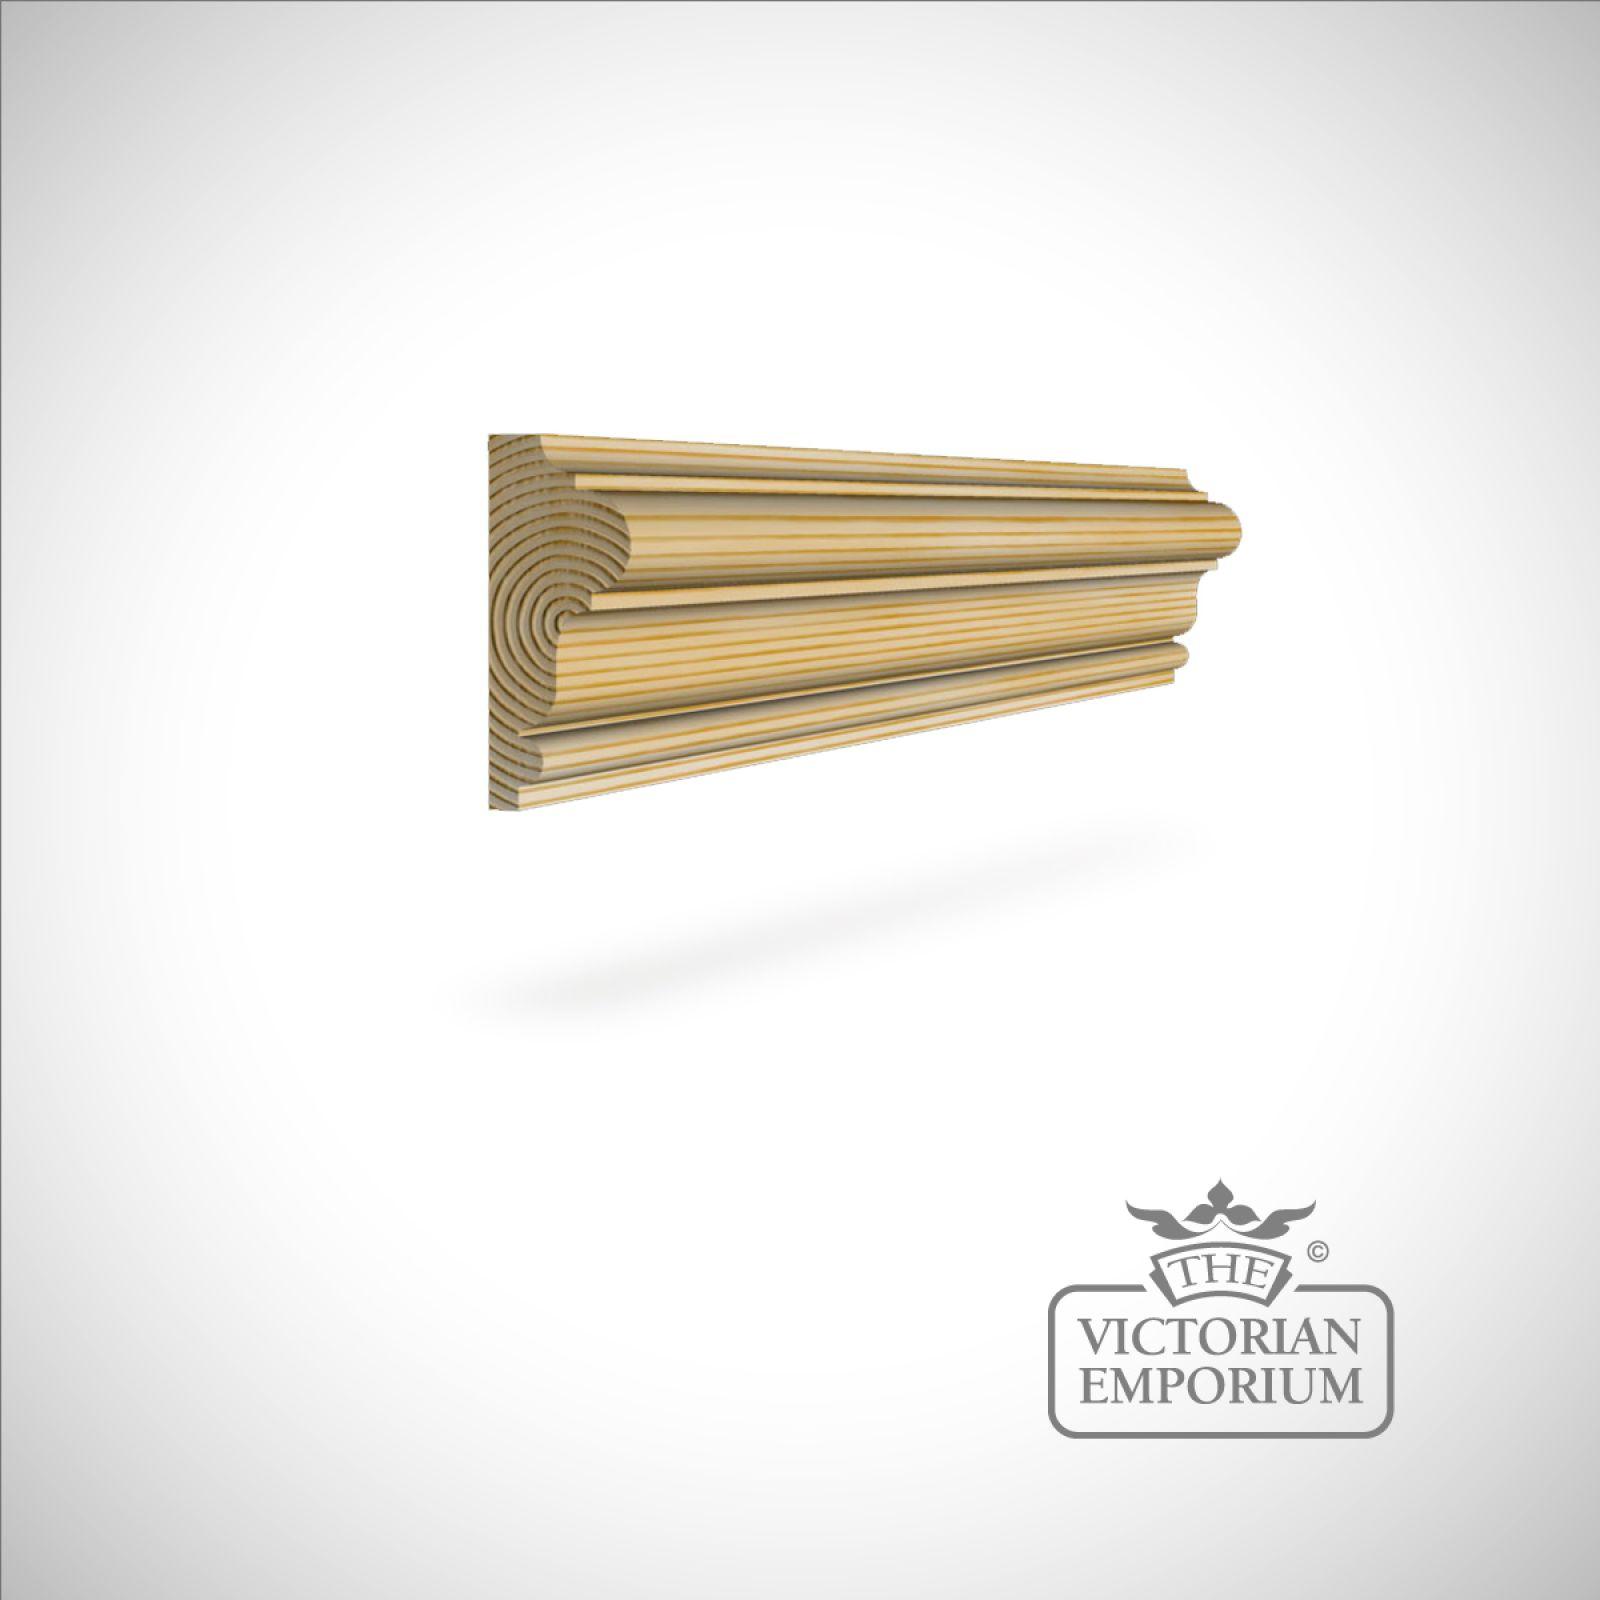 Wooden Dado 70 X 28mm - Profile 2